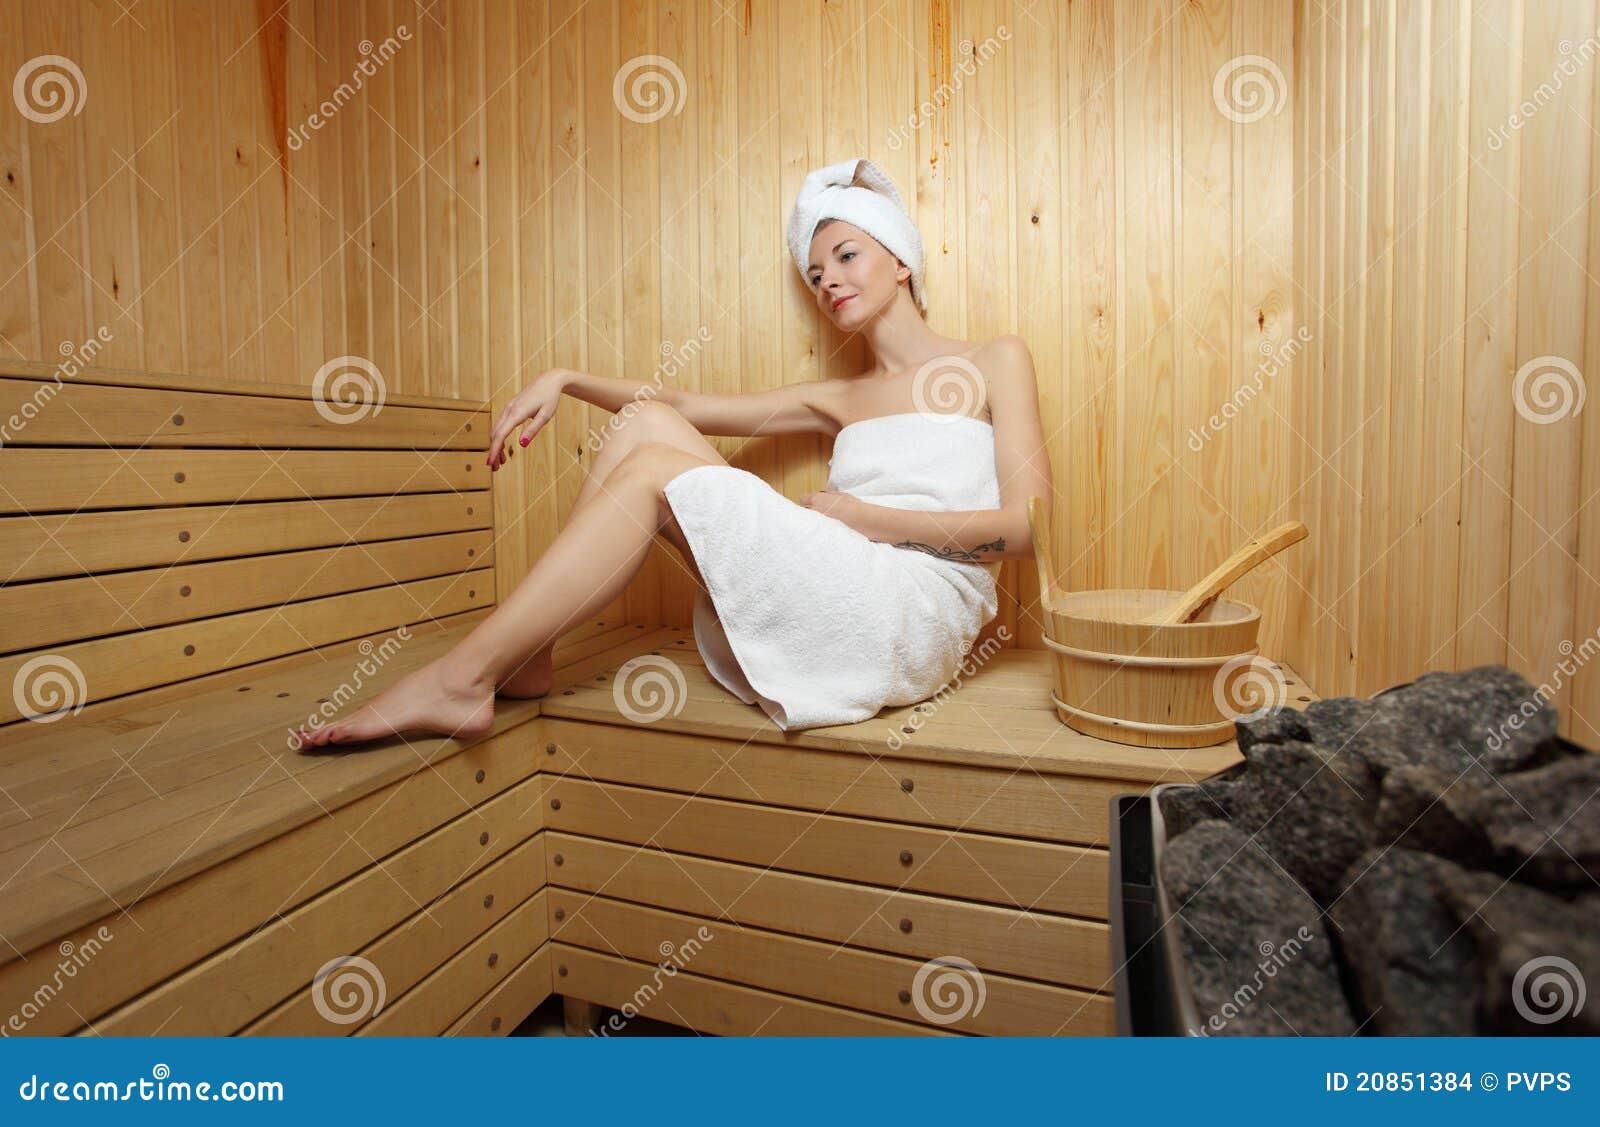 Русская баня женщины 19 фотография